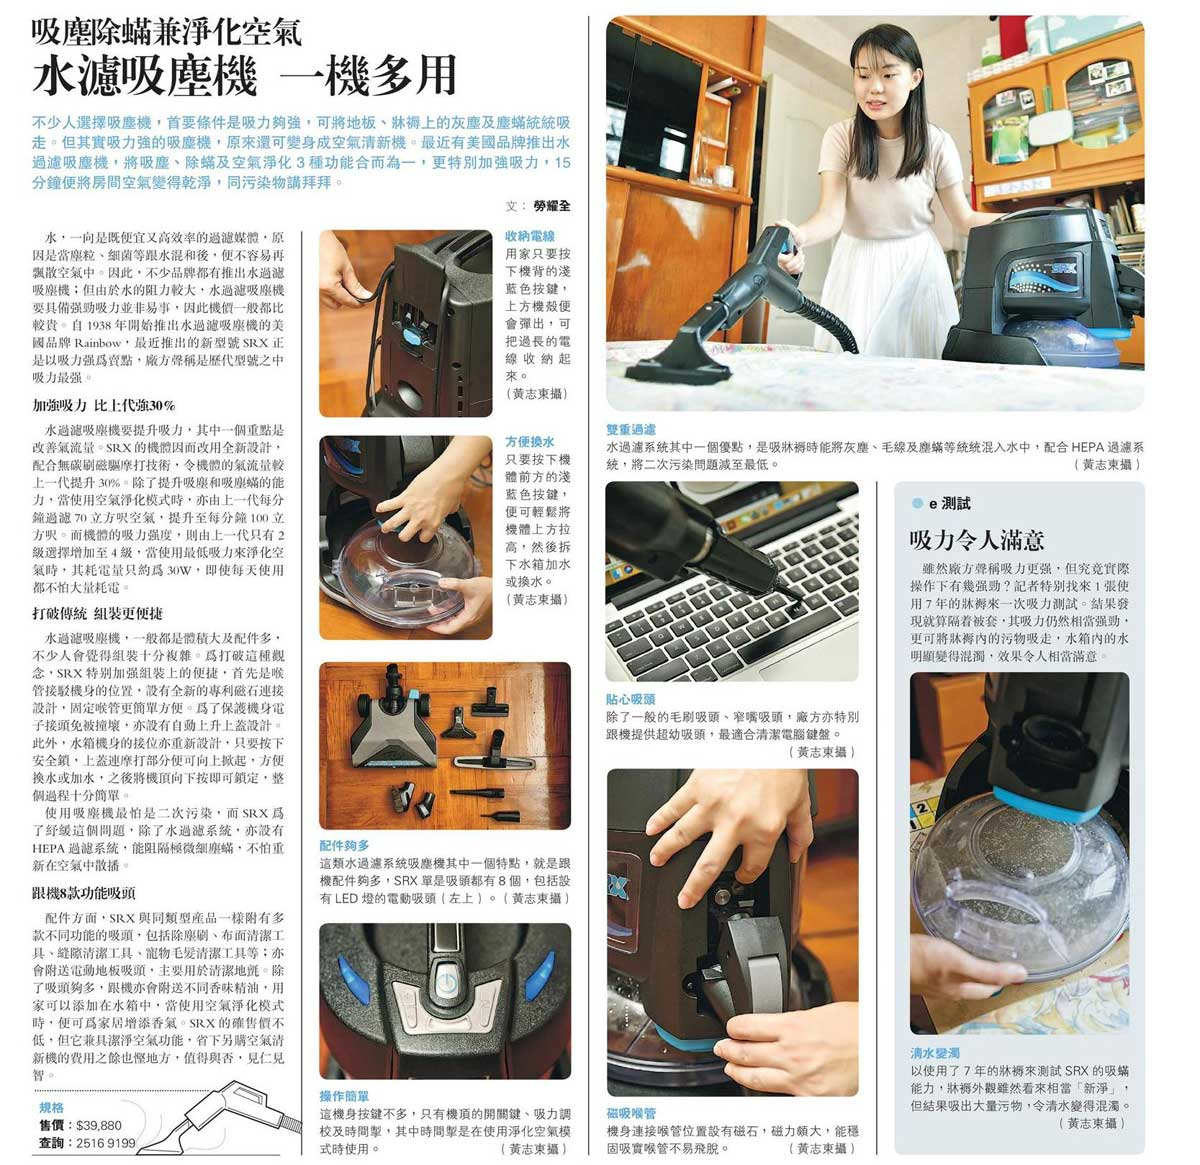 News_D05